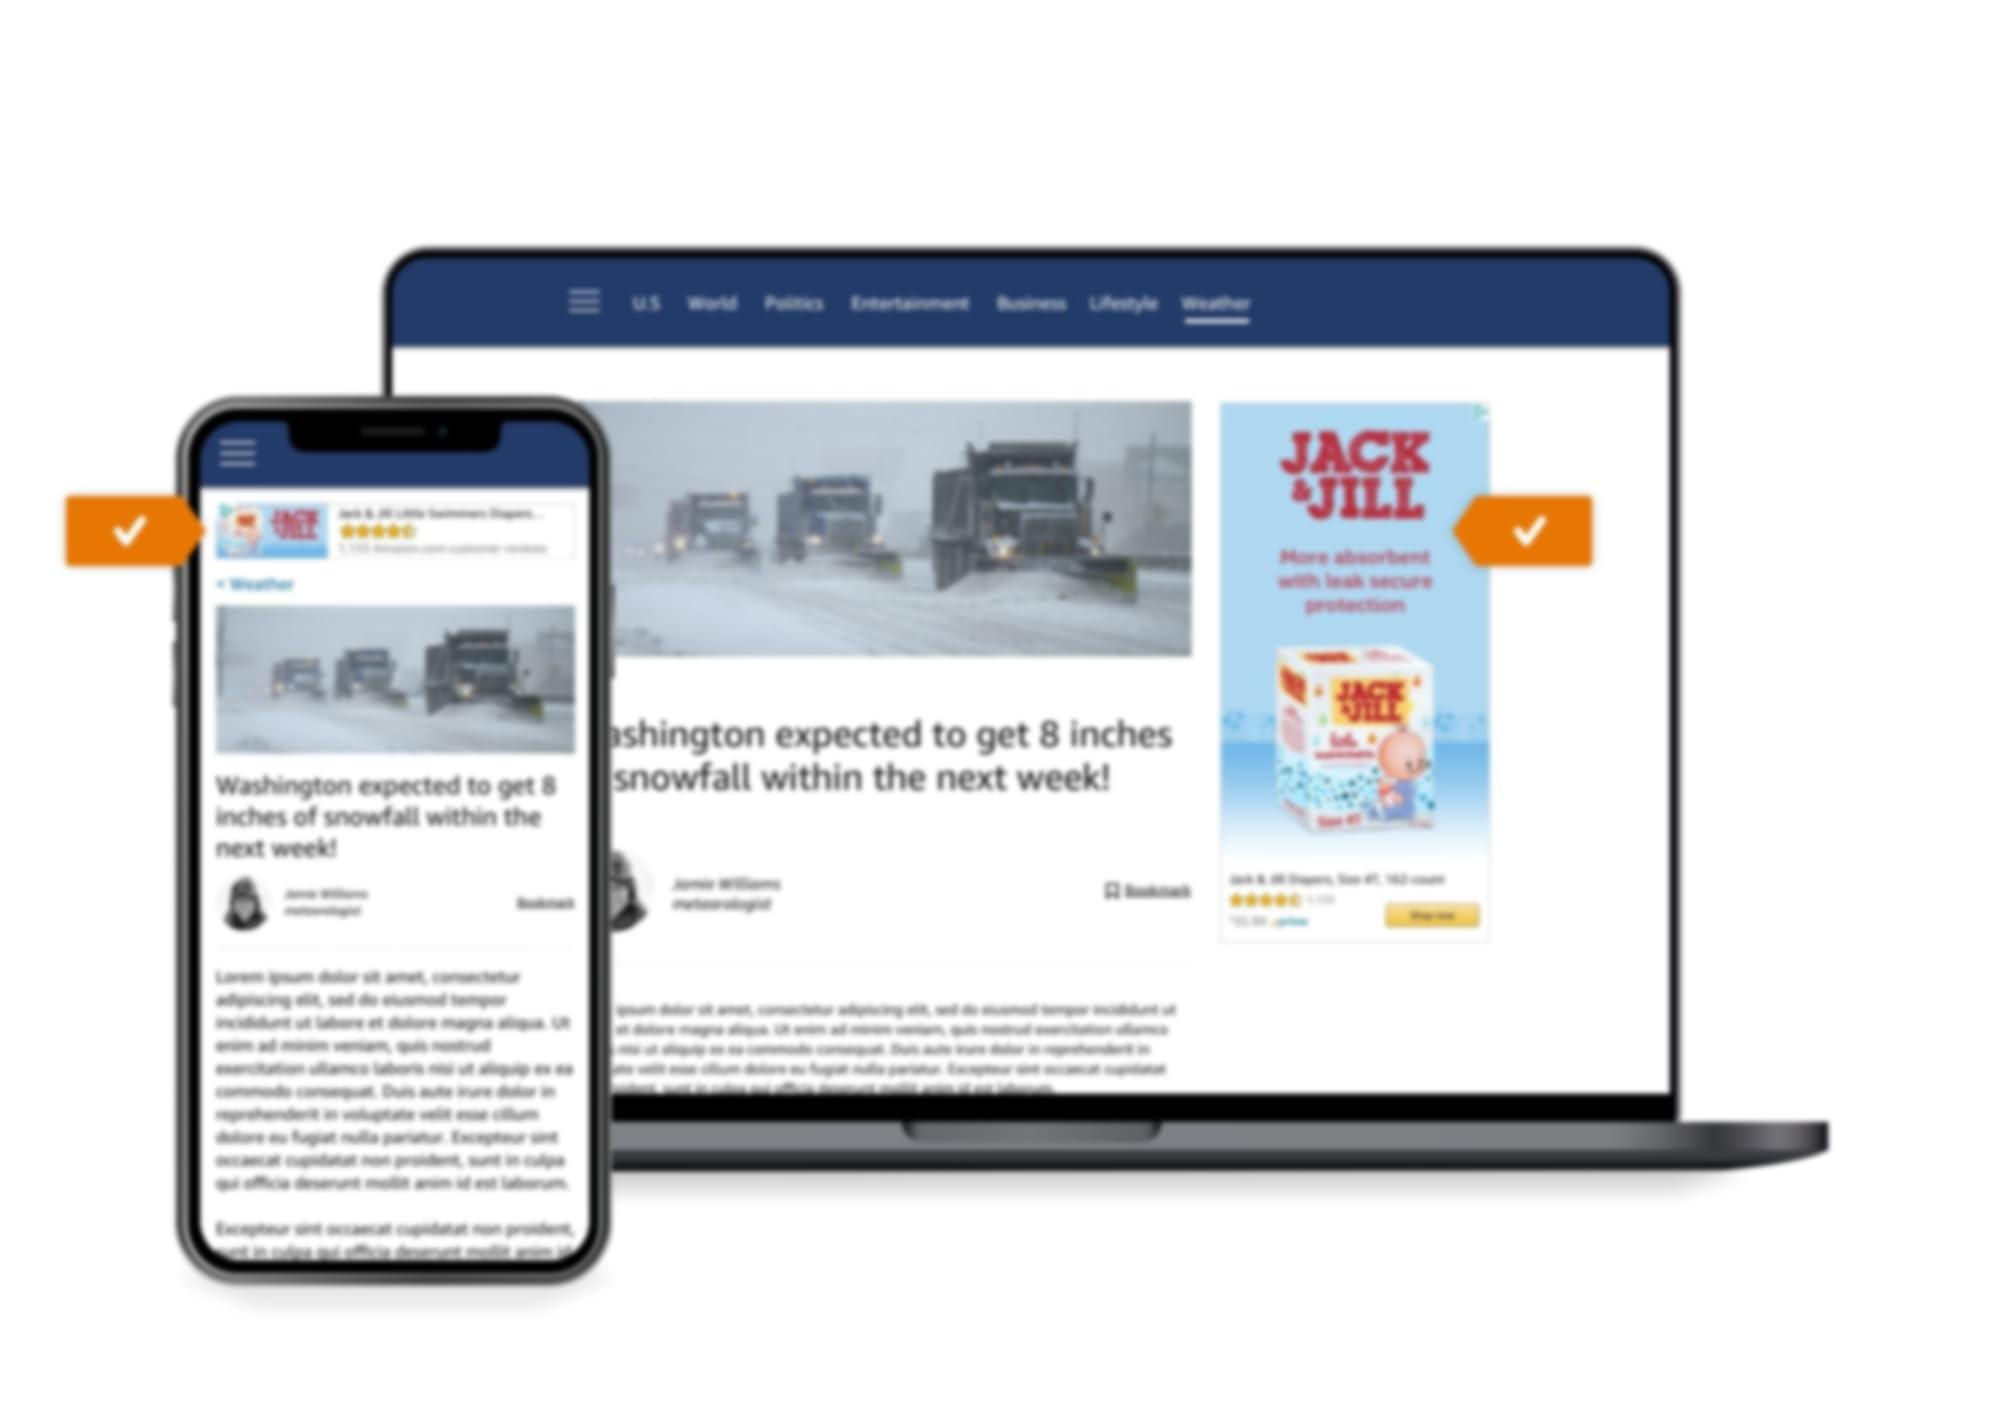 Ubicación del anuncio de Sponsored Display en un sitio externo